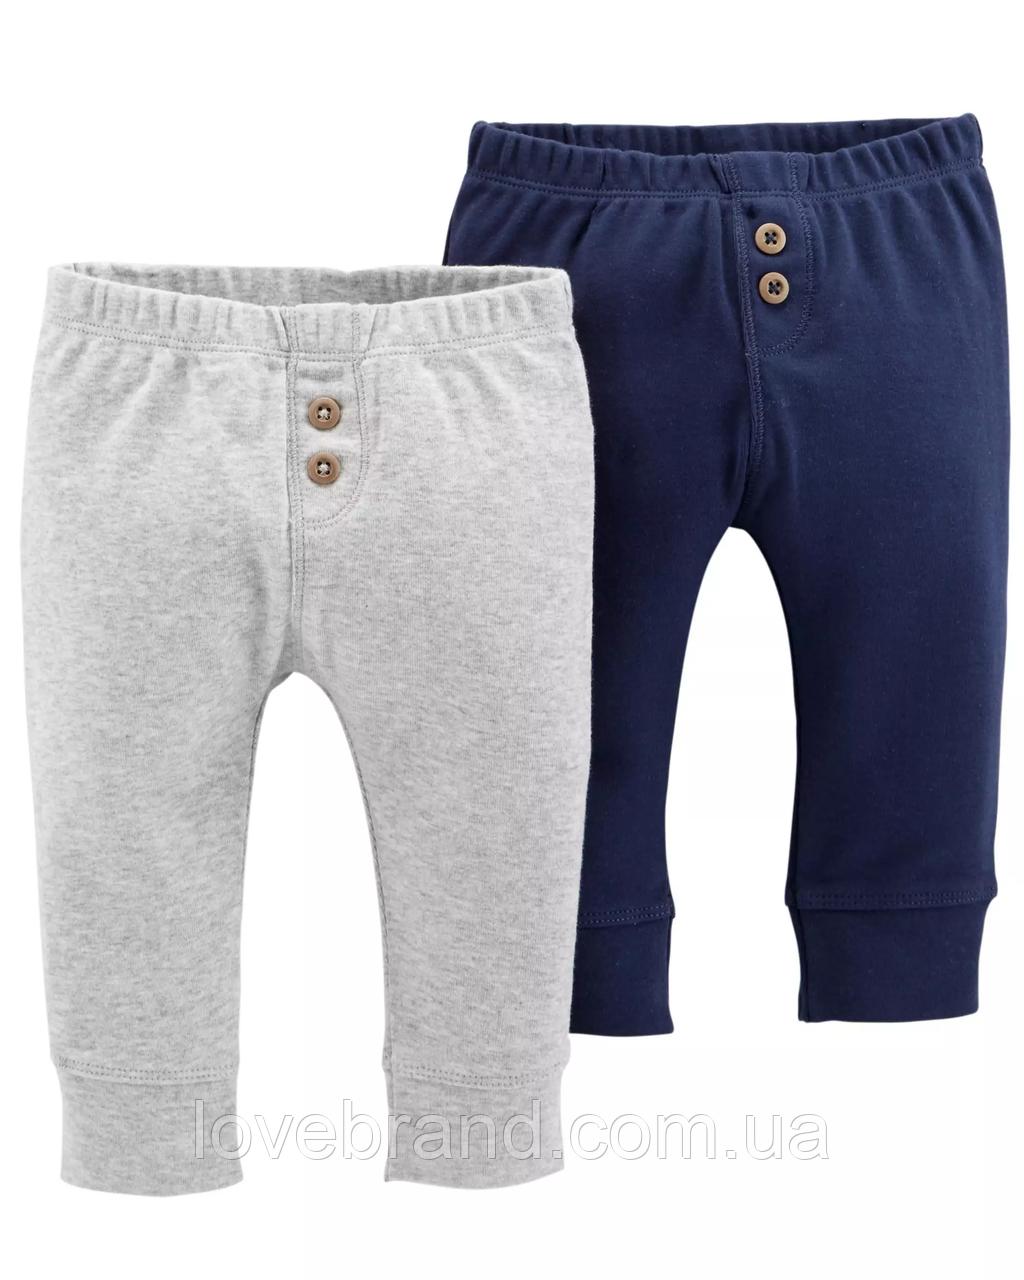 Легкие штанишки для мальчика Carter's (набор 2 шт) , ползунки картерс 3 мес/55-61 см